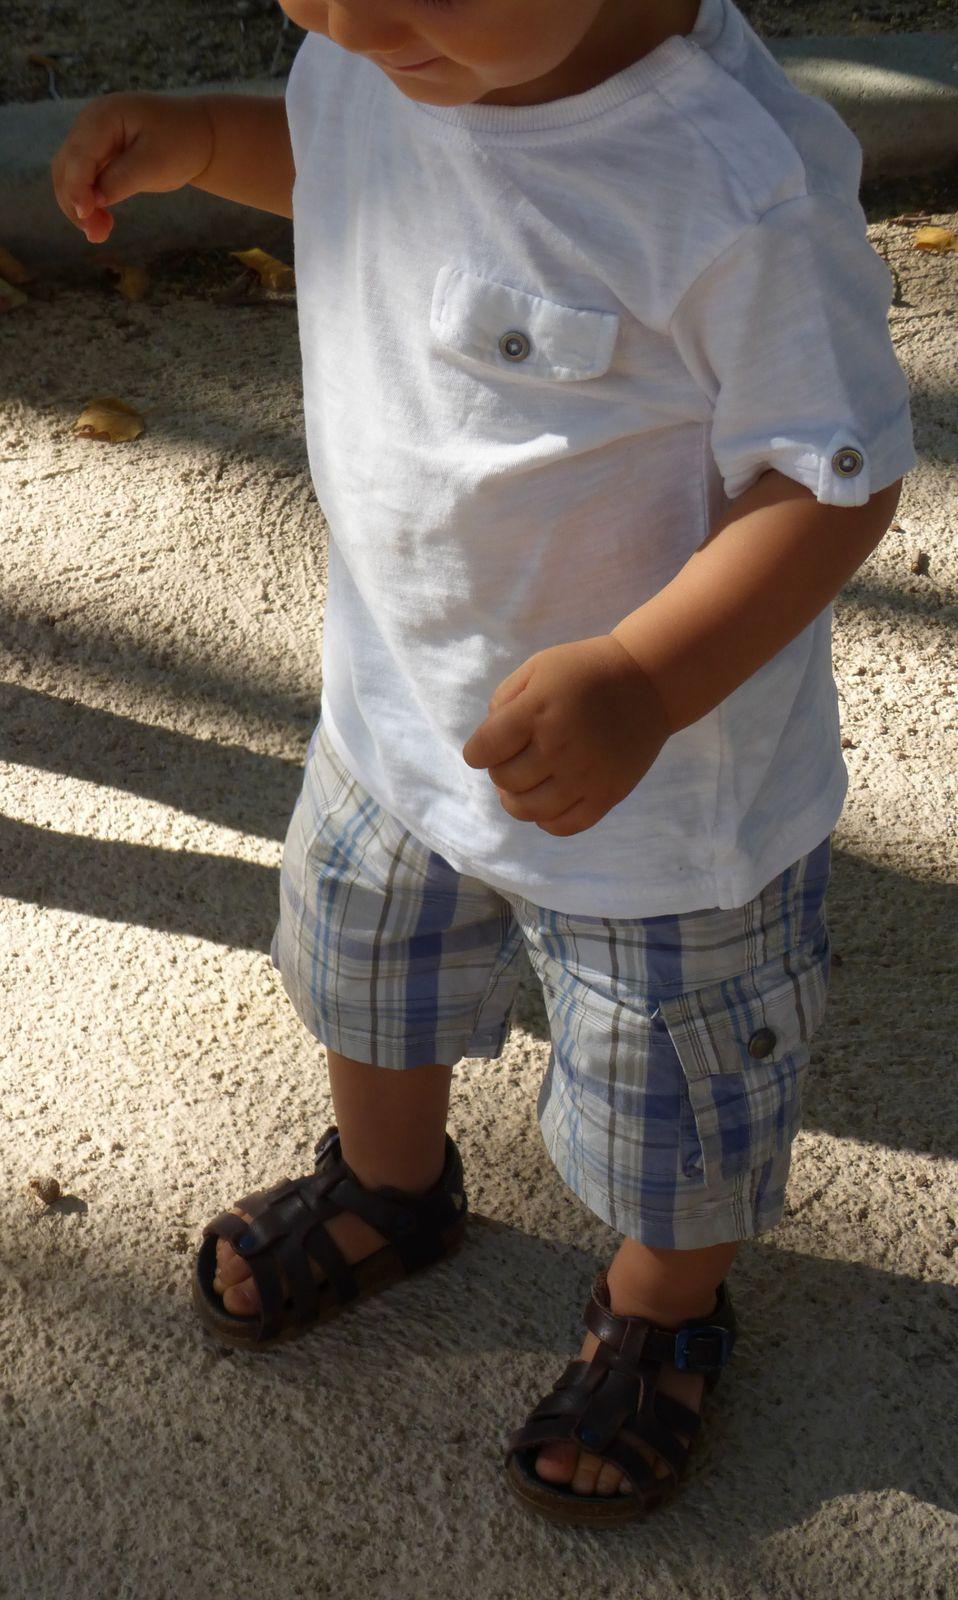 casquette H&M, tee-shirt Zara Baby, bermuda Vert Baudet, sandales La halle (il y a une boutique à côté de Calvi, et parfois,lorsque j'ai besoin rapidement d'une paire de chaussures j'y vais faire un tour).